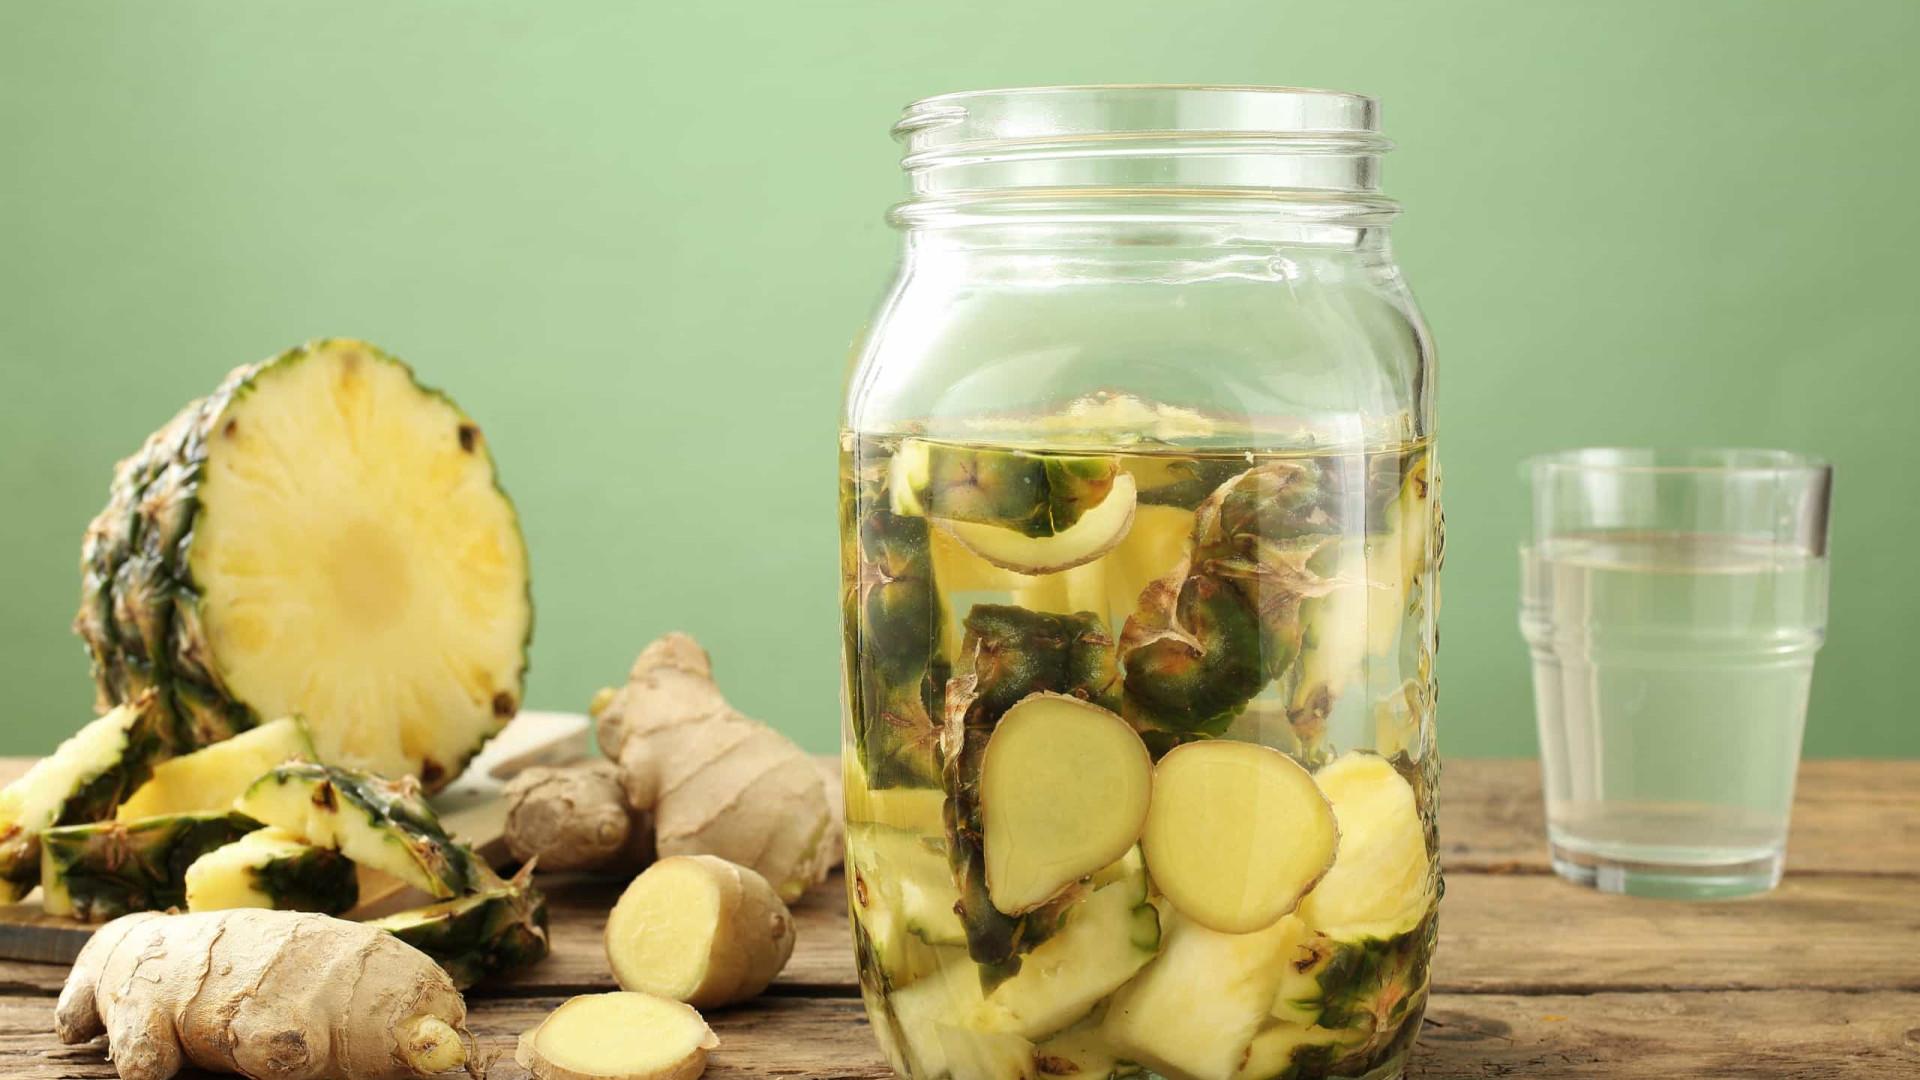 O super chá de gengibre com abacaxi que emagrece e 'seca' a barriga